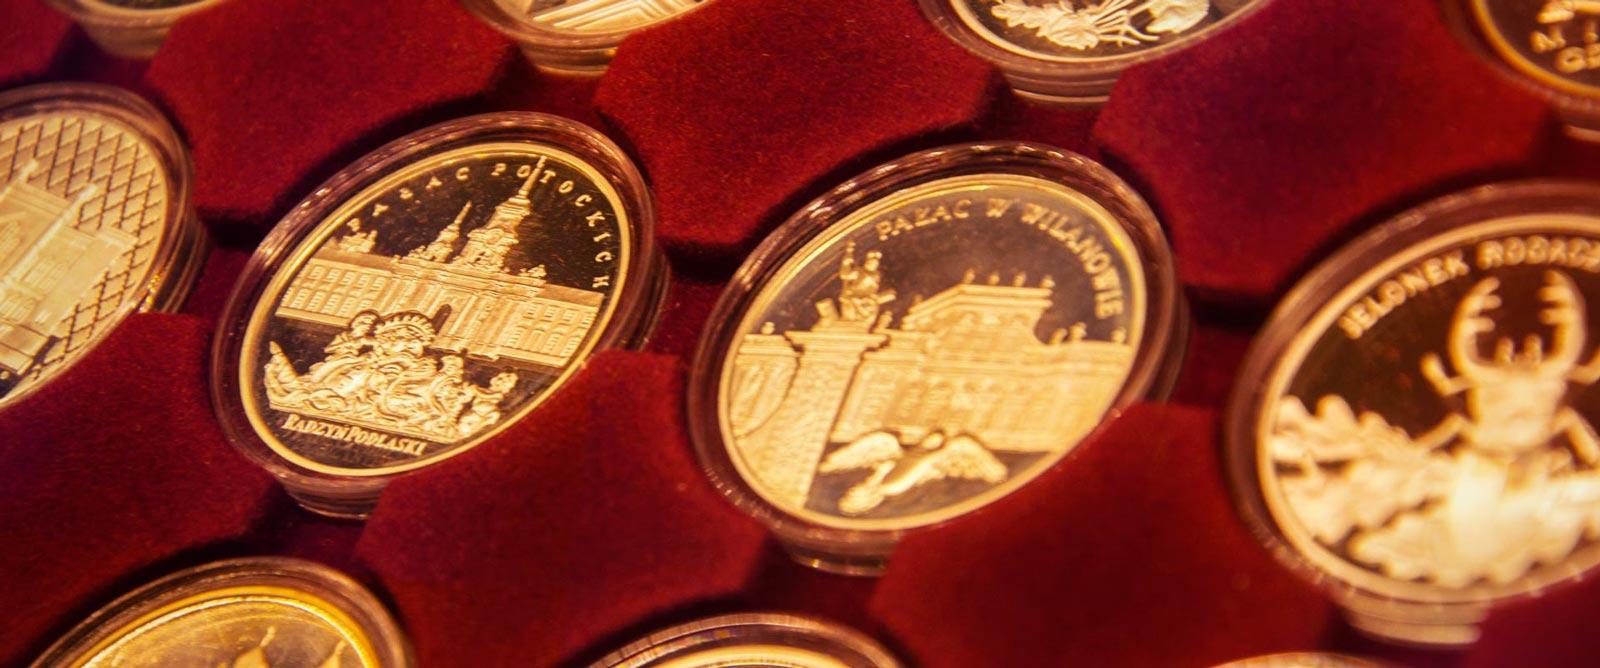 Bilka polskie monety